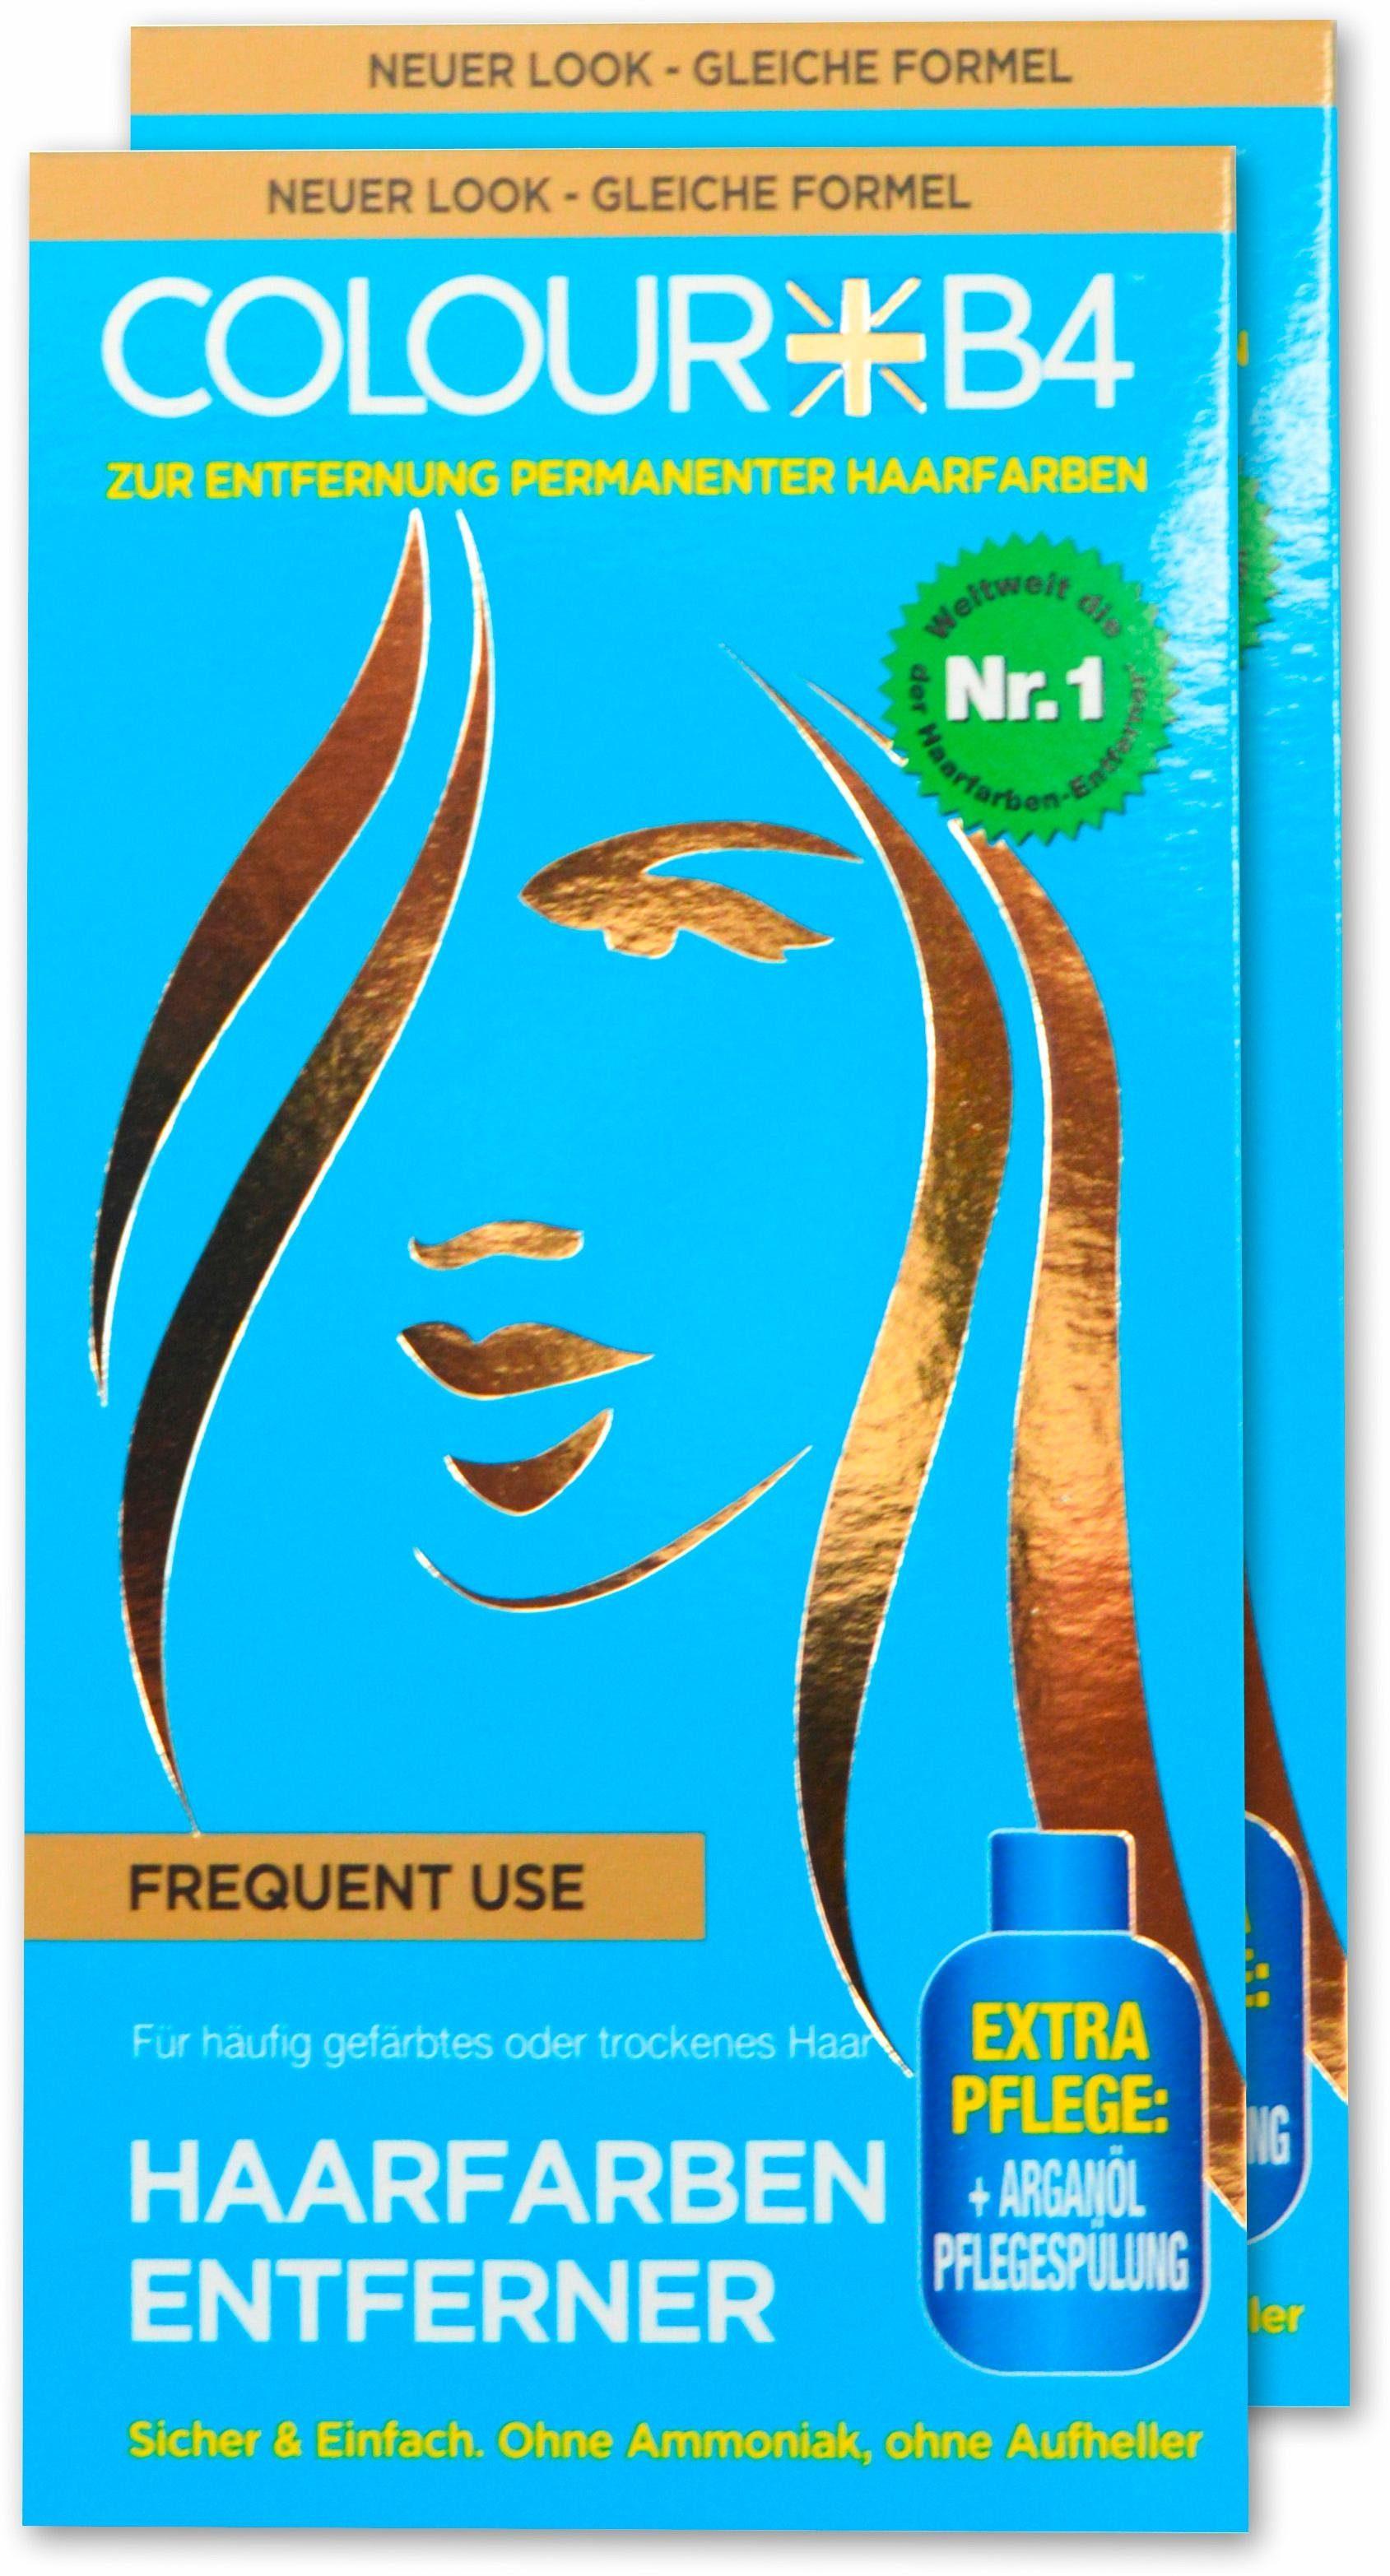 Colour B4, »Colour B4 Frequent Use«, Haarfarben-Entferner für häufig gefärbtes oder trockenes Haar